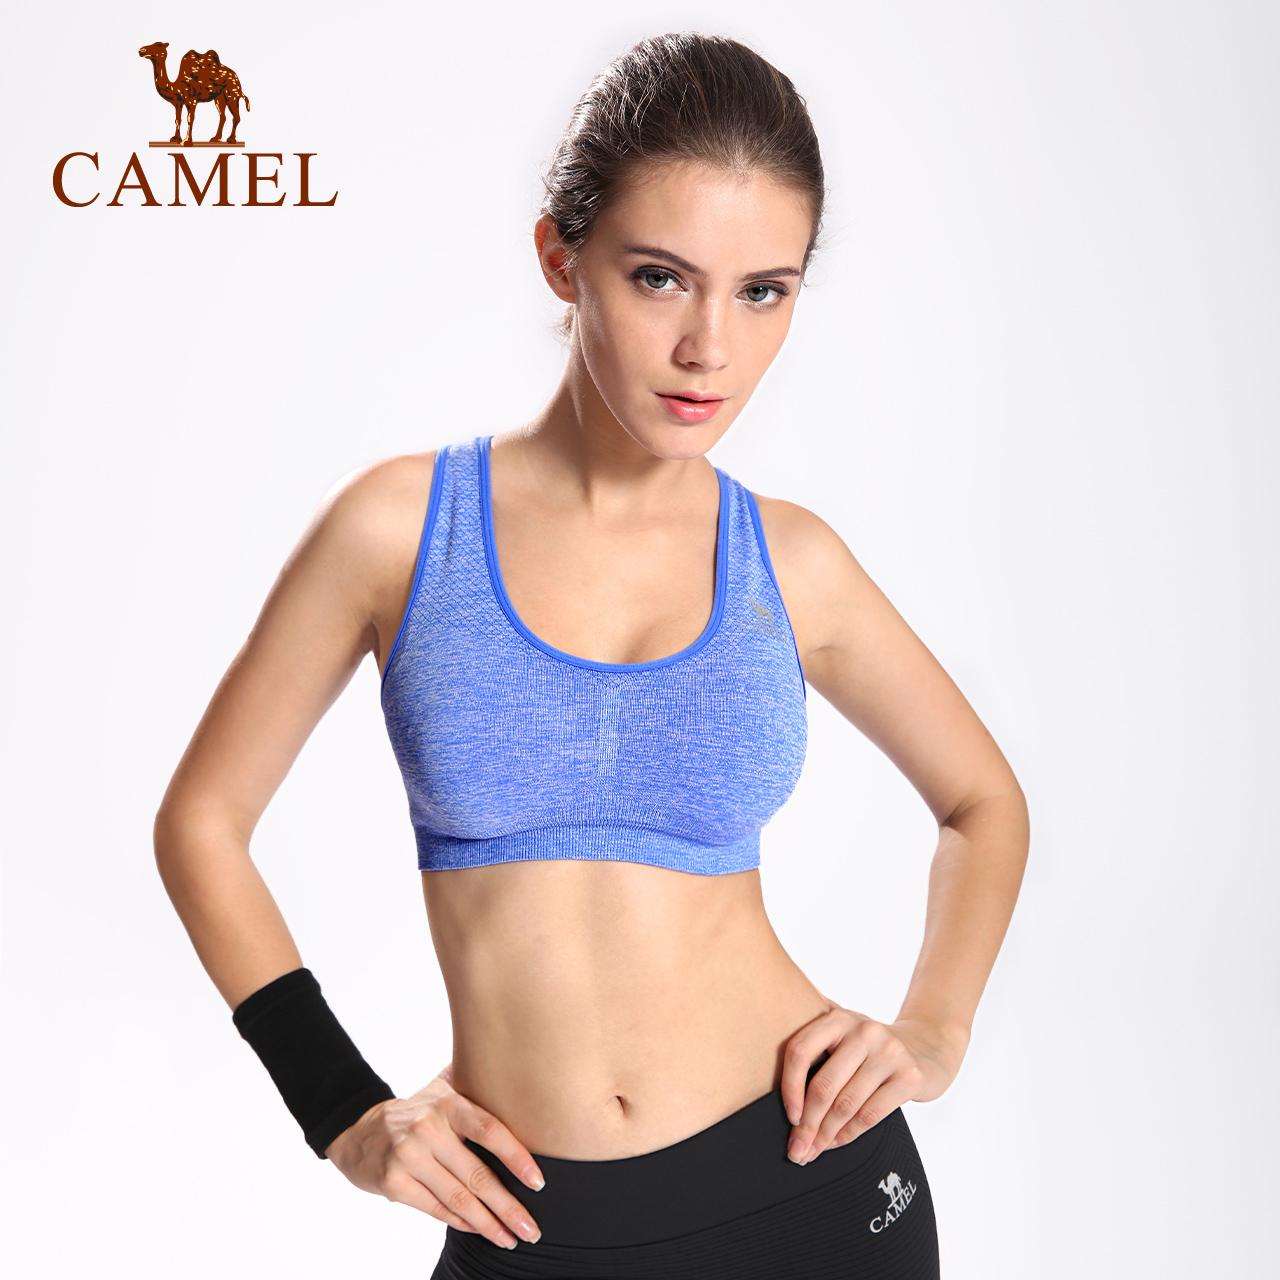 CAMEL骆驼运动文胸 健身美背内衣透气舒适跑步防震瑜伽背心女bra